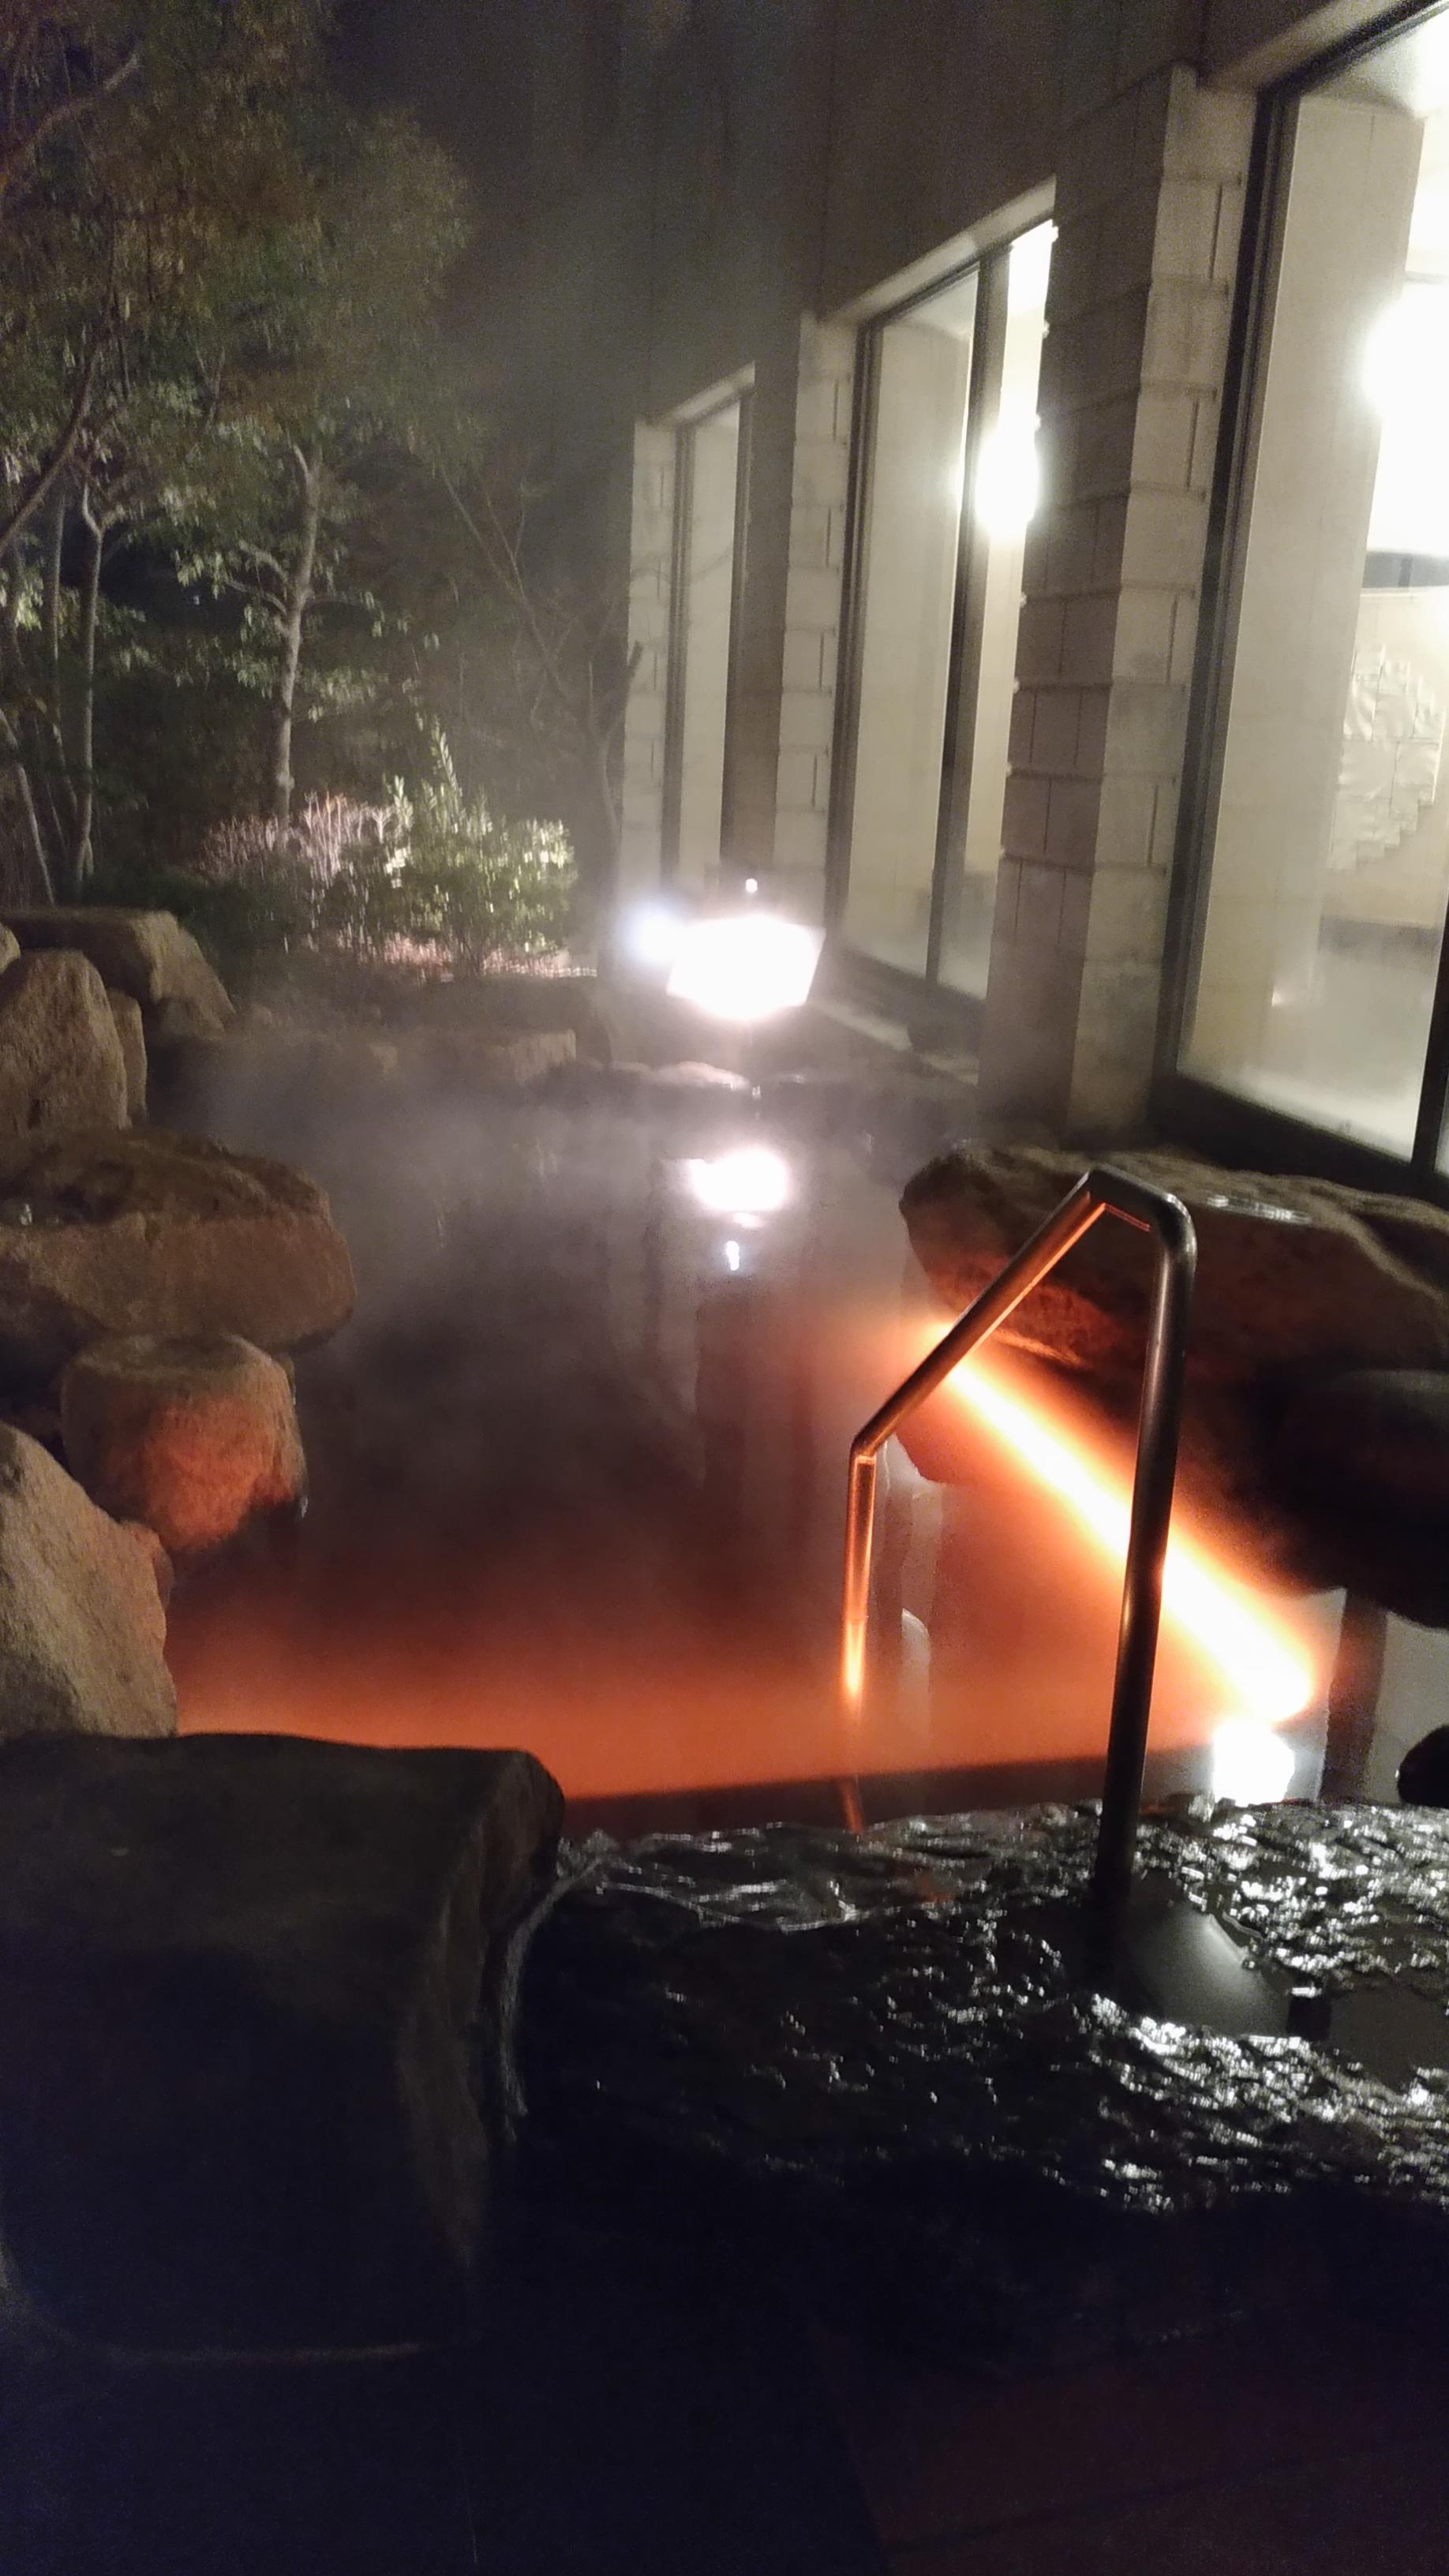 テープライト 水中 ホテル 温泉